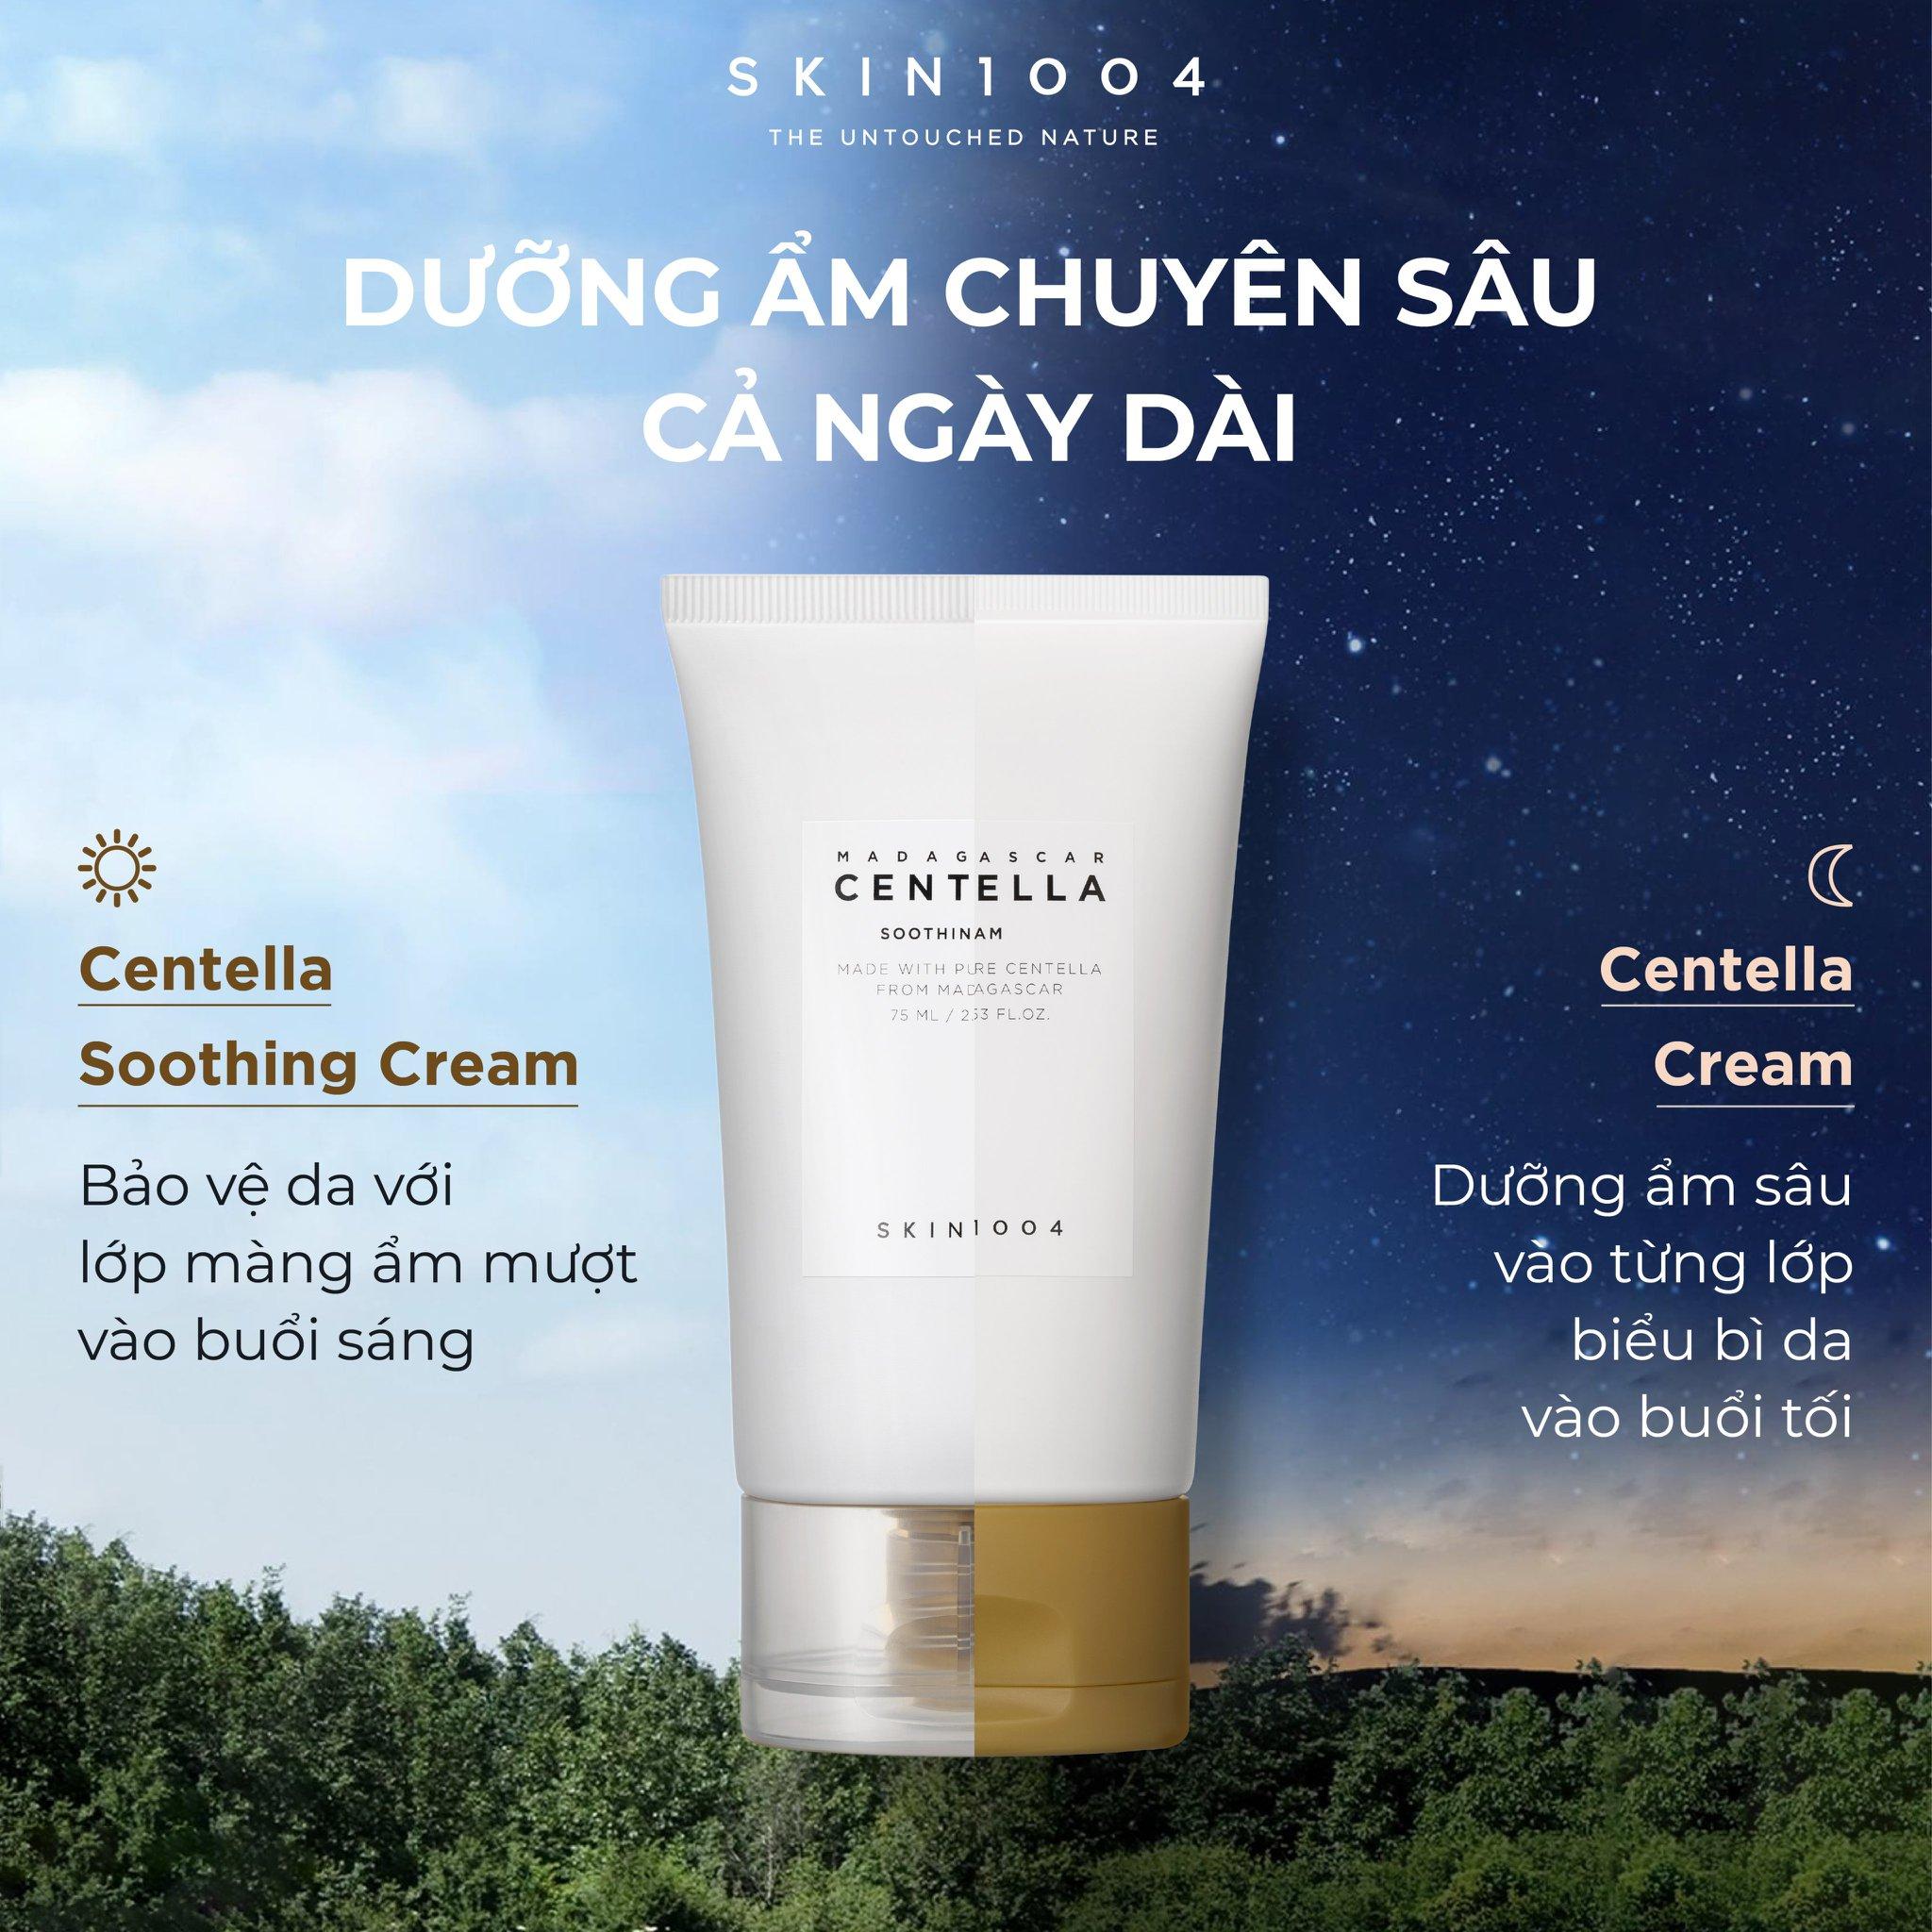 Kem Dưỡng Da Rau Má Dưỡng Ẩm Làm Dịu Da Cho Khô Skin1004 Madagascar Centella Soothing Cream 75ml